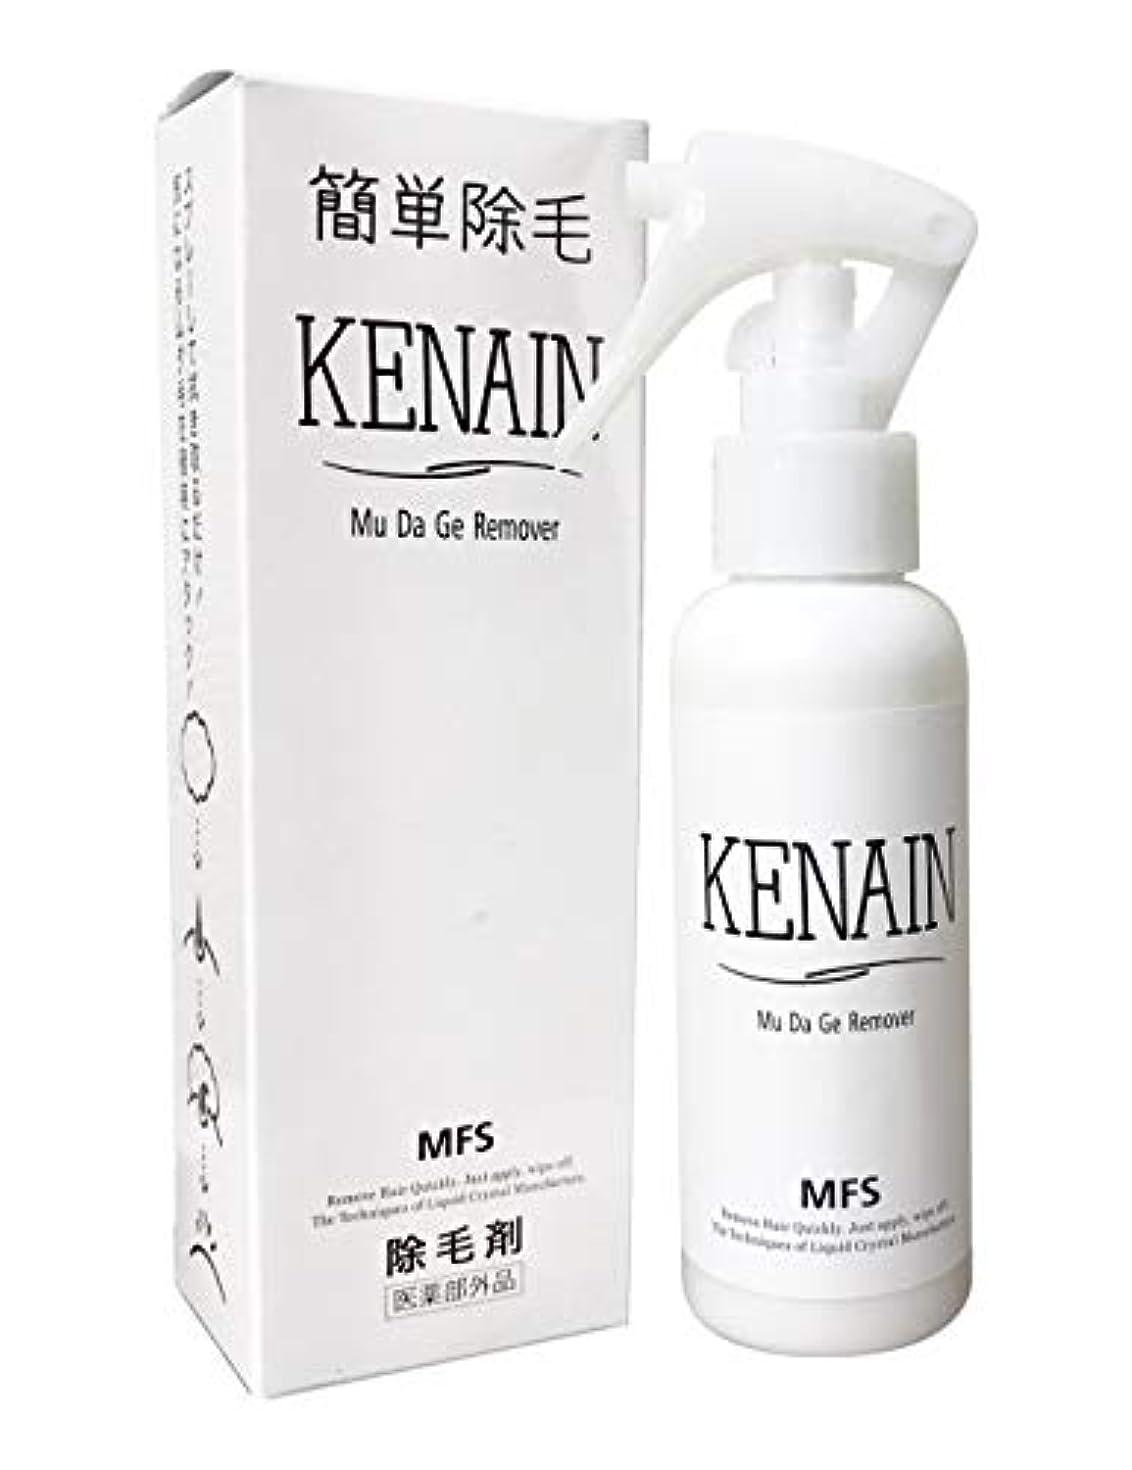 材料塩迷信KENAIN 除毛剤 100g 簡単除毛 低刺激 男女兼用 [医薬部外品]